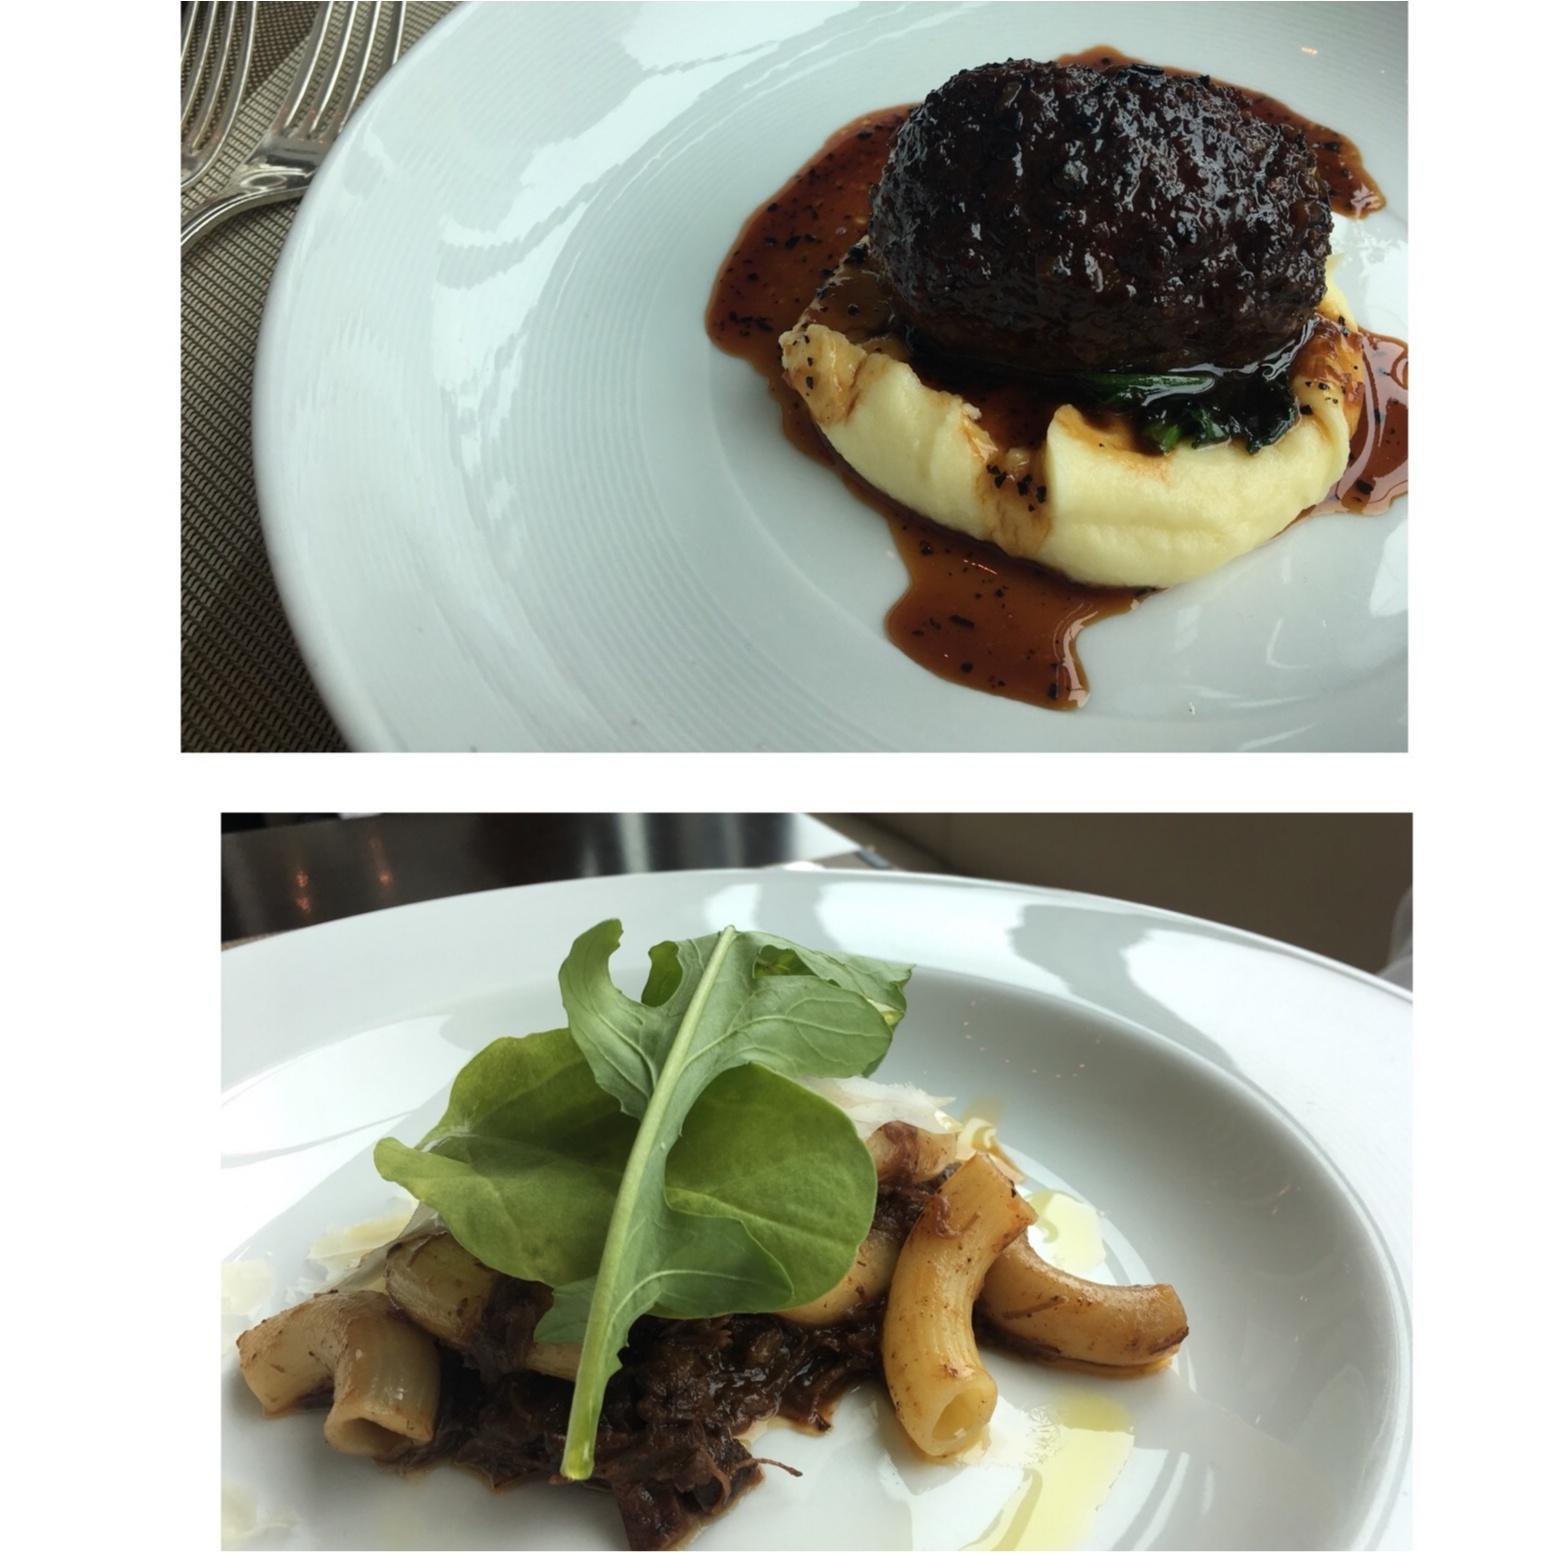 【ホテルランチ】予約困難な「オトナ苺スイーツブッフェ」が食べられるコンラッド東京のおすすめランチとは…♡_3